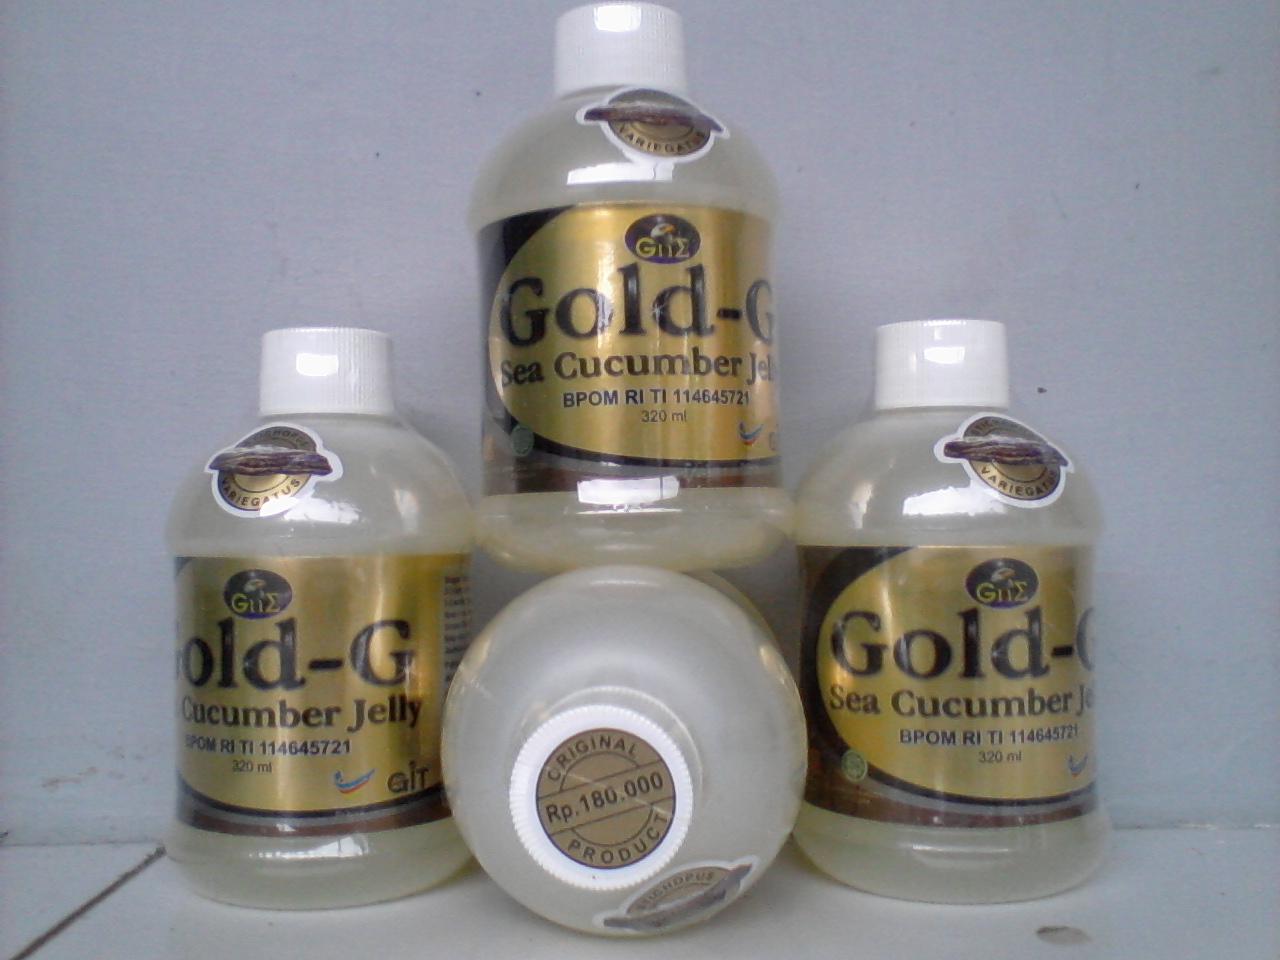 September 2013 Toko Online Murah Mudah Amanah Tepung Gandum Talbinah Obat Maag Gamat Gold G